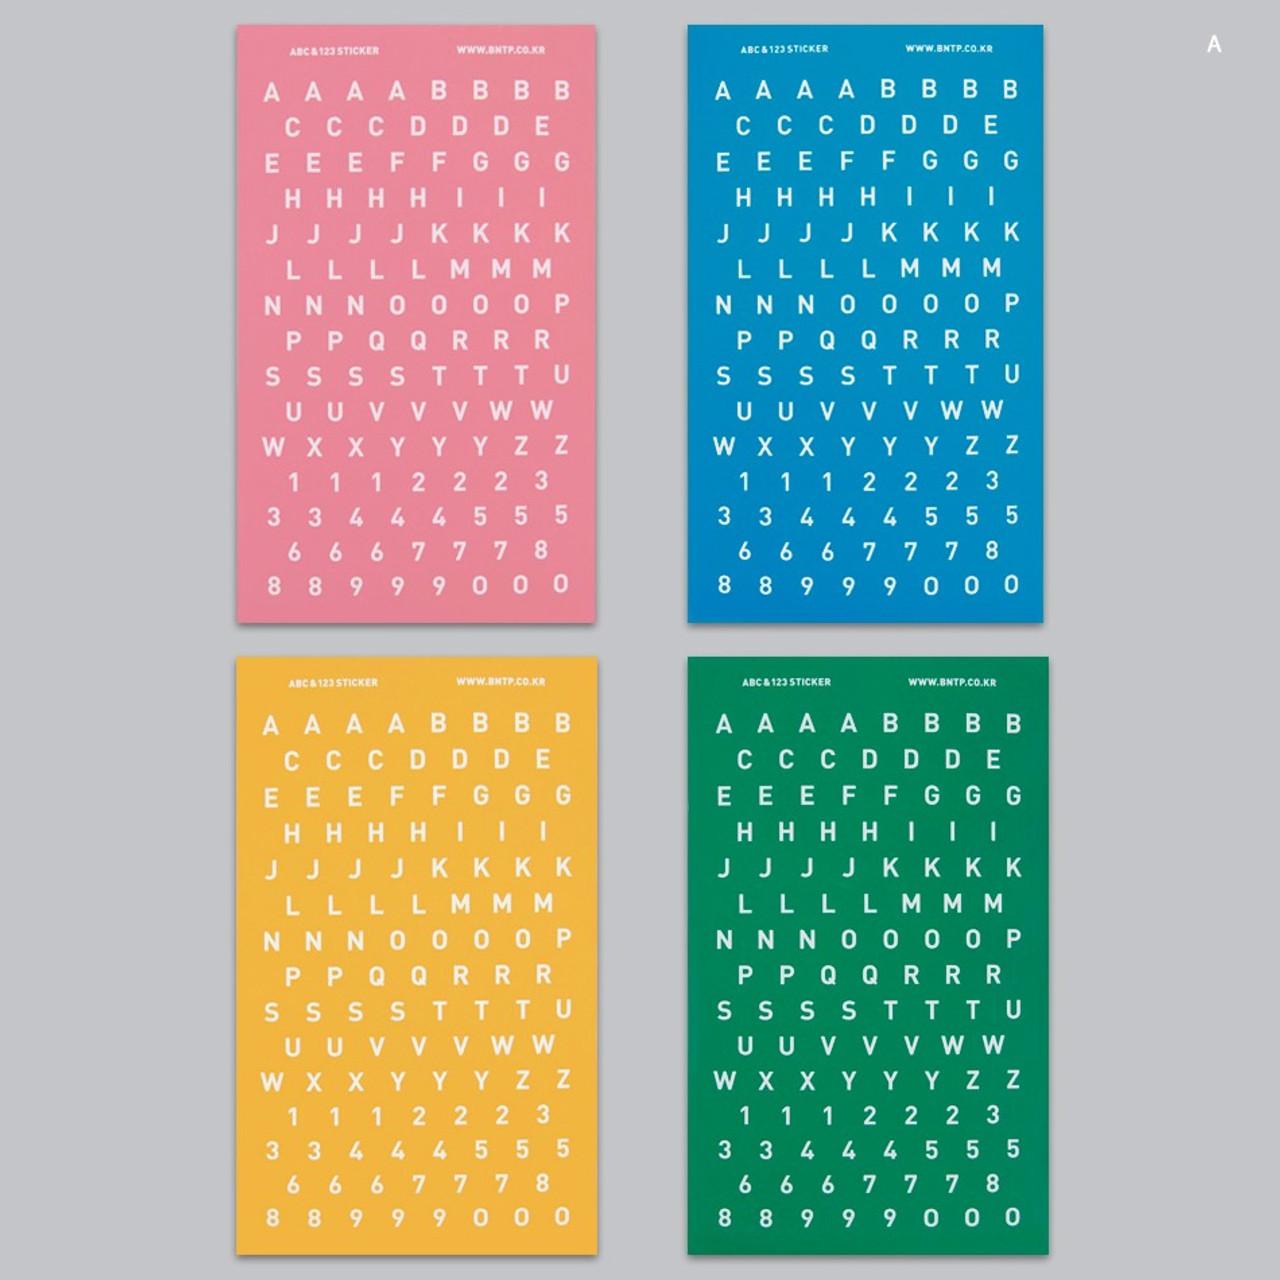 BNTP Alphabet and Number paper sticker set - fallindesign